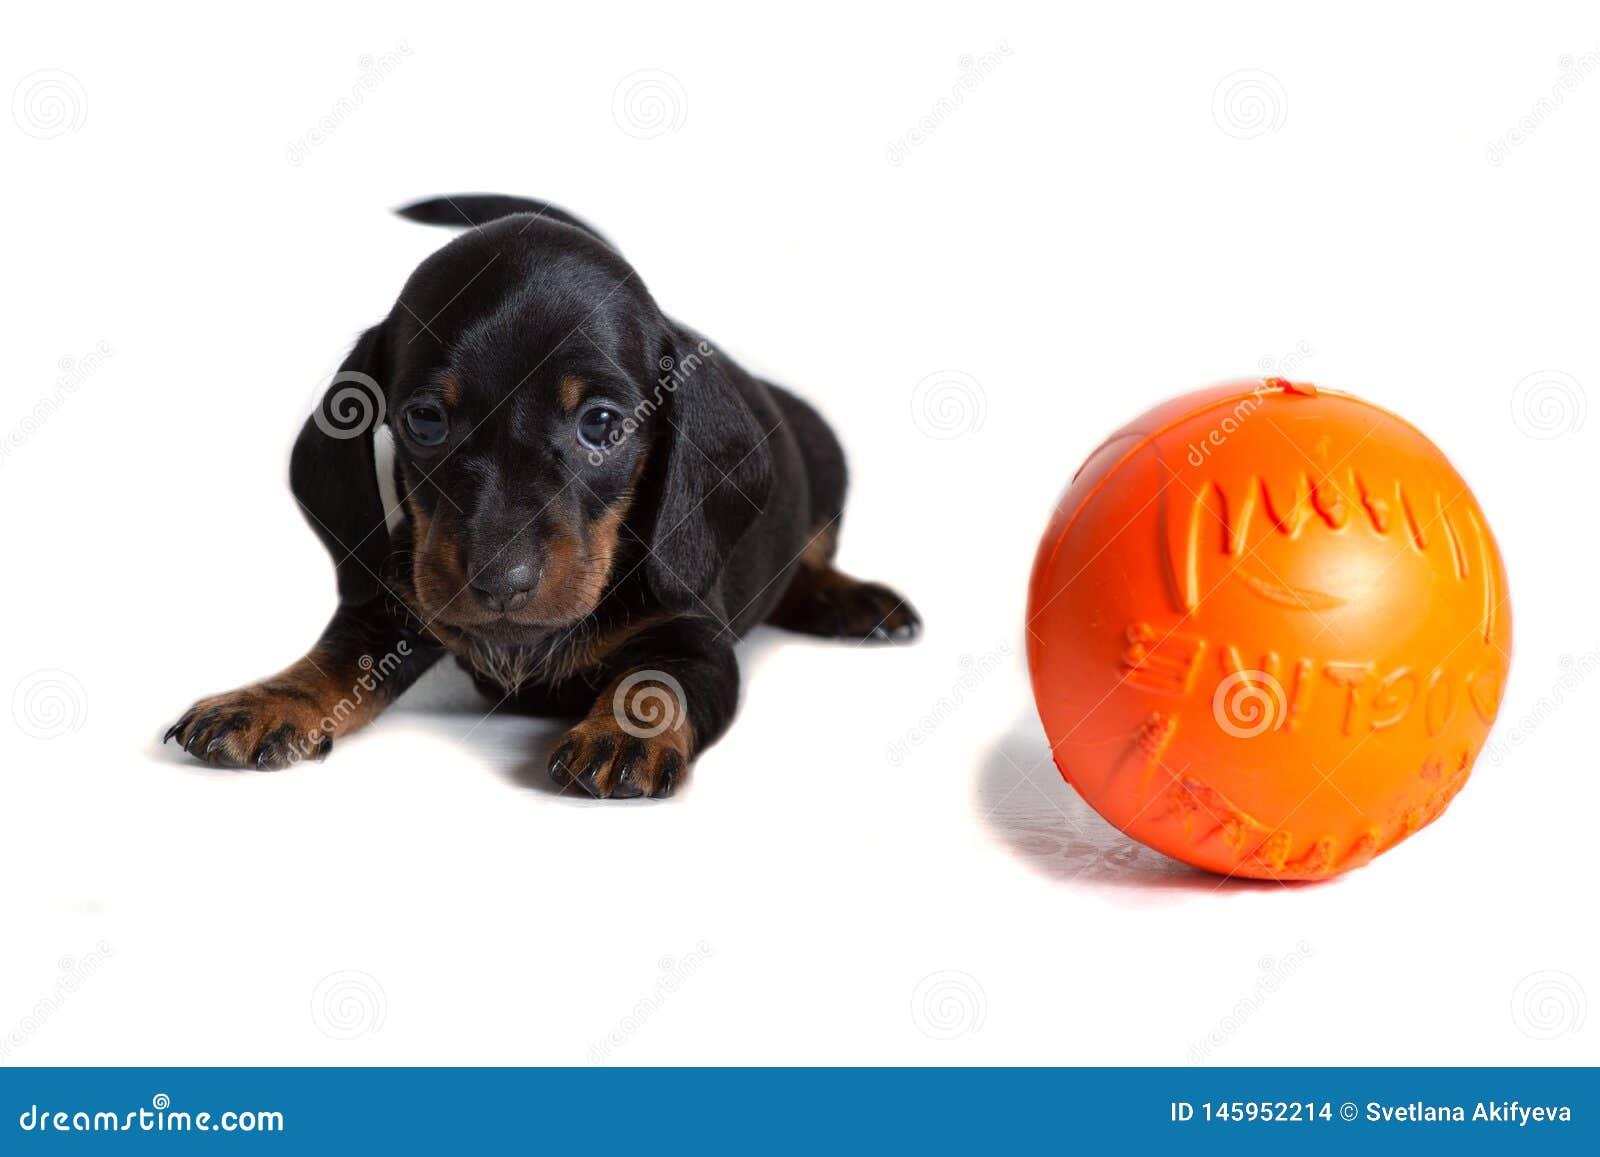 Красивый щенок таксы сидит рядом с оранжевым шариком и смотрит вперед